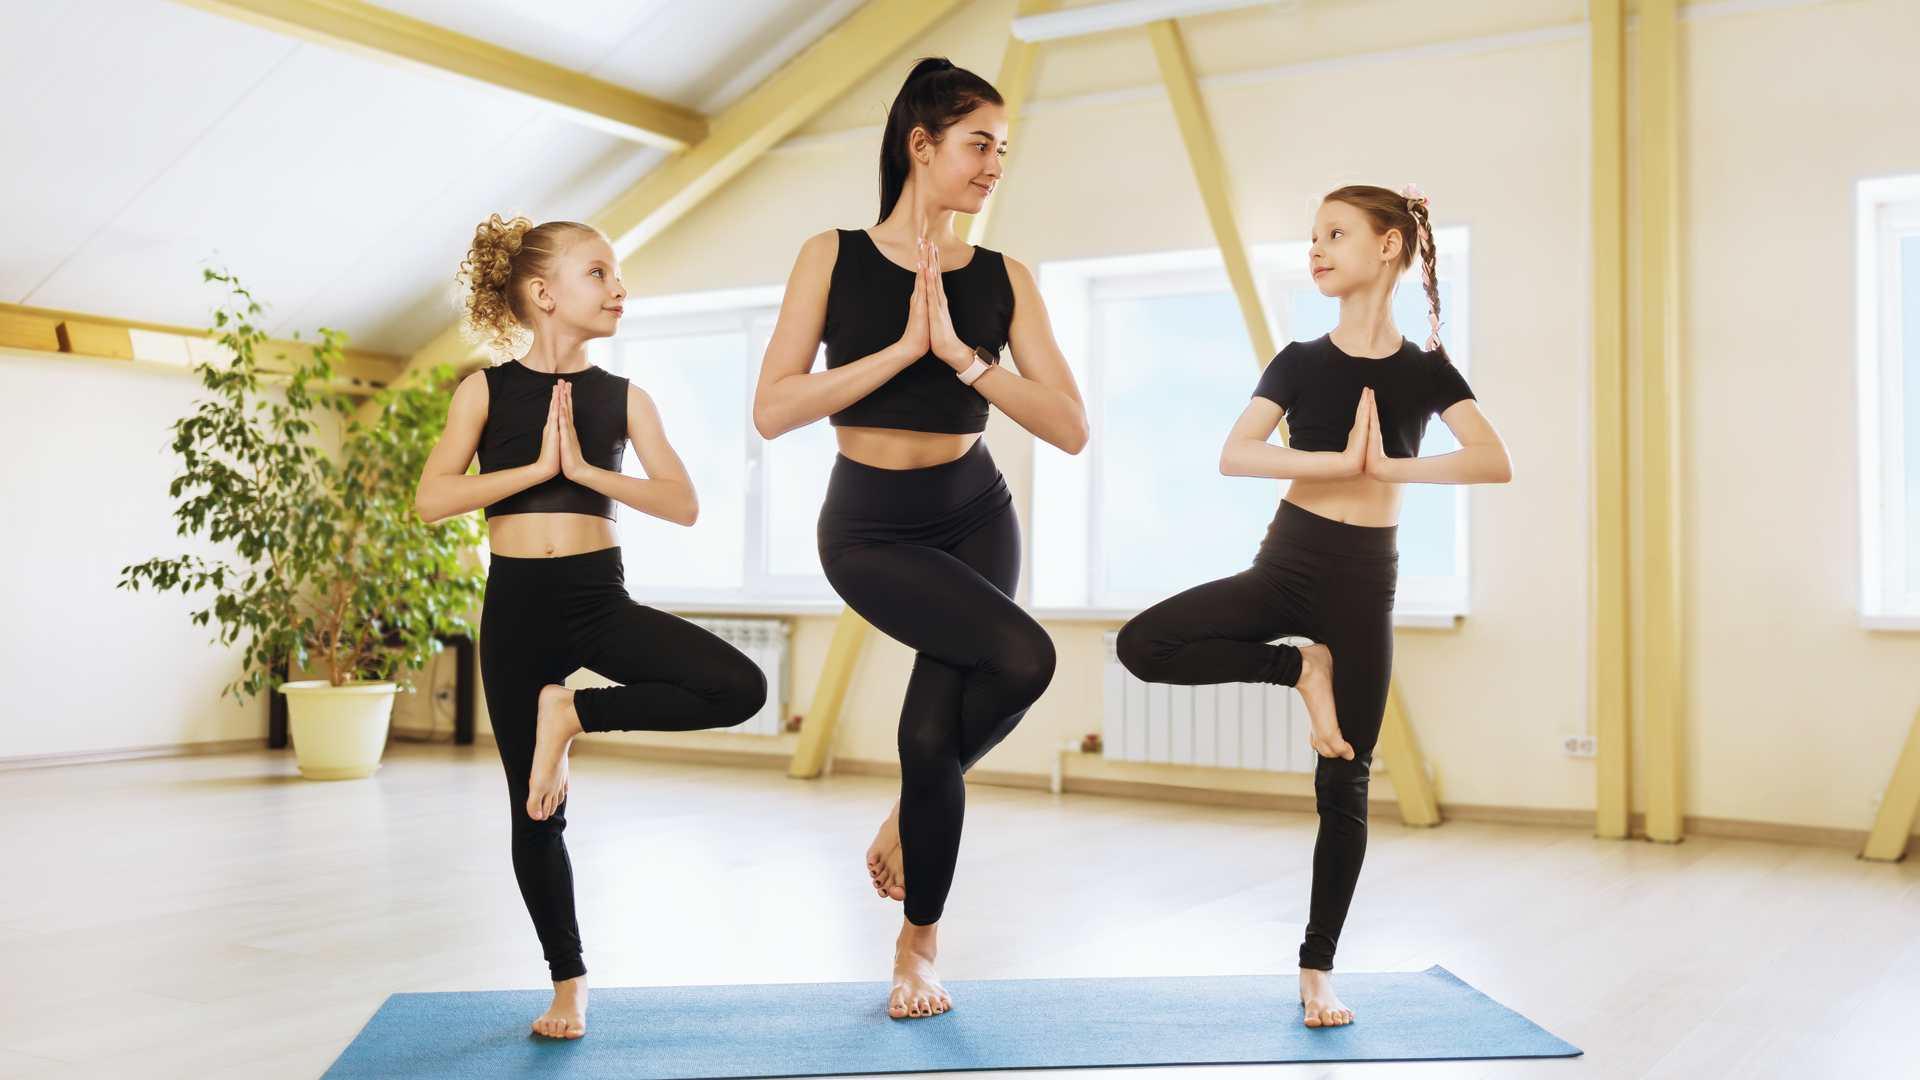 Professora de yoga dando aula para duas meninas crianças